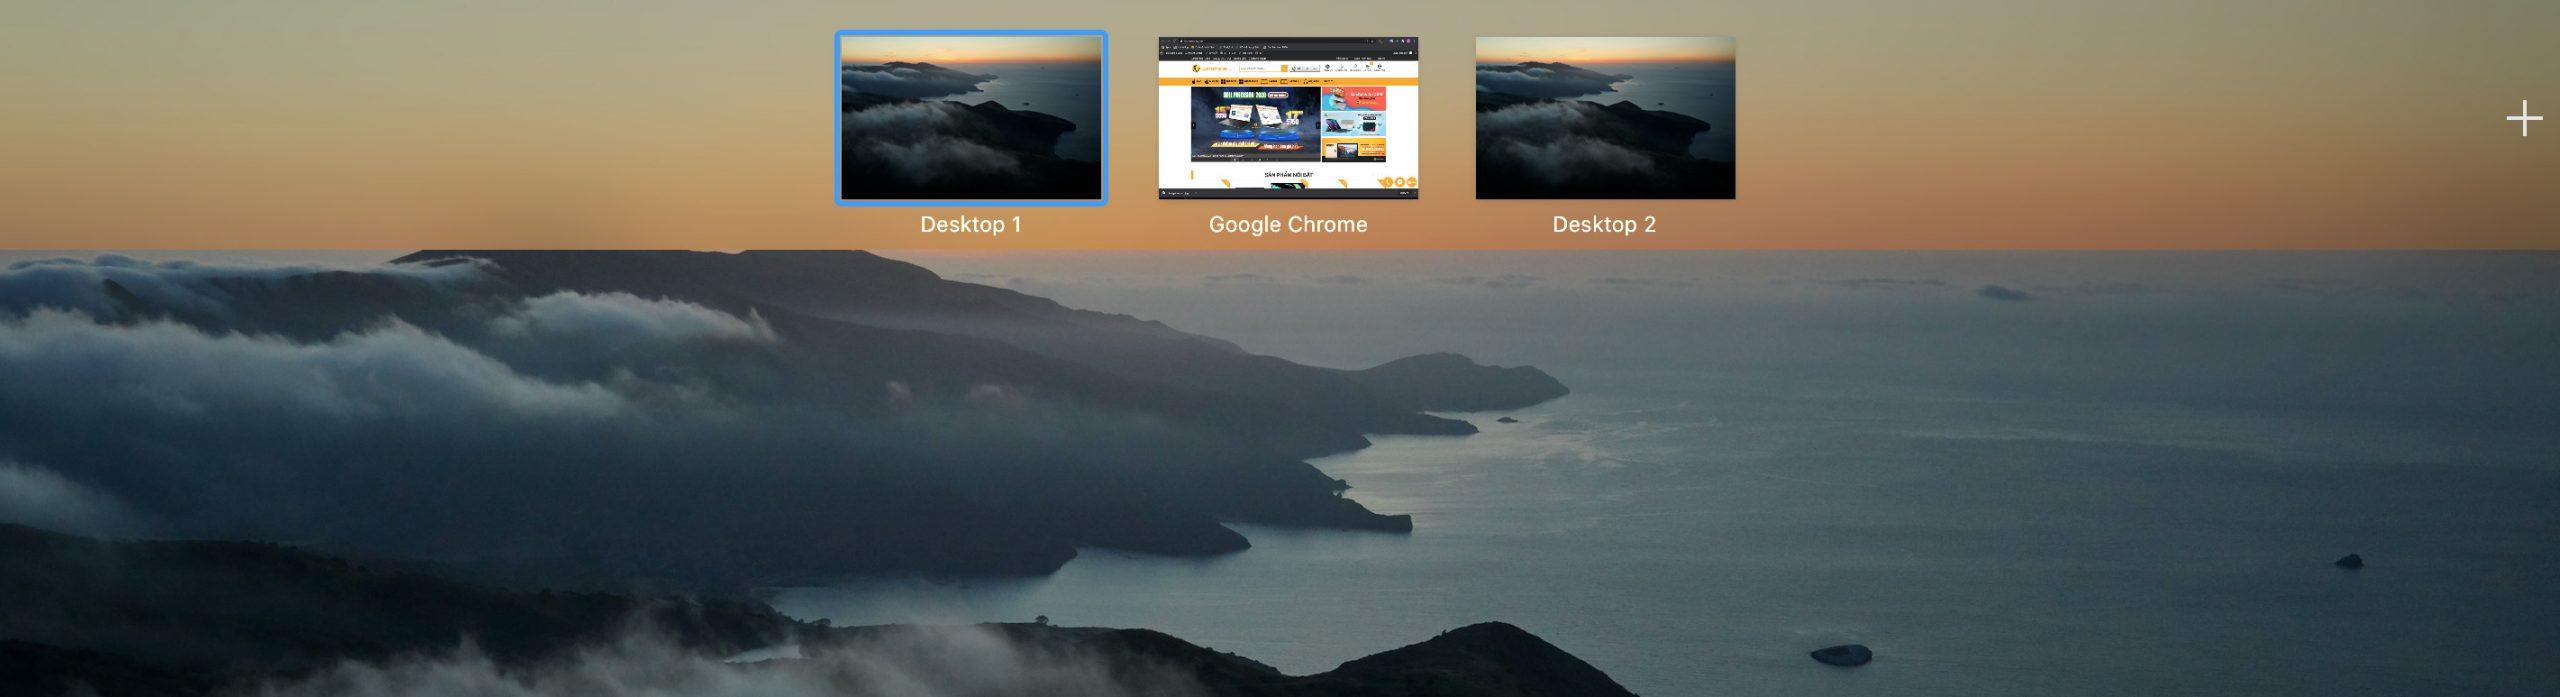 them_cua_so_tren_macbook_laptopvang